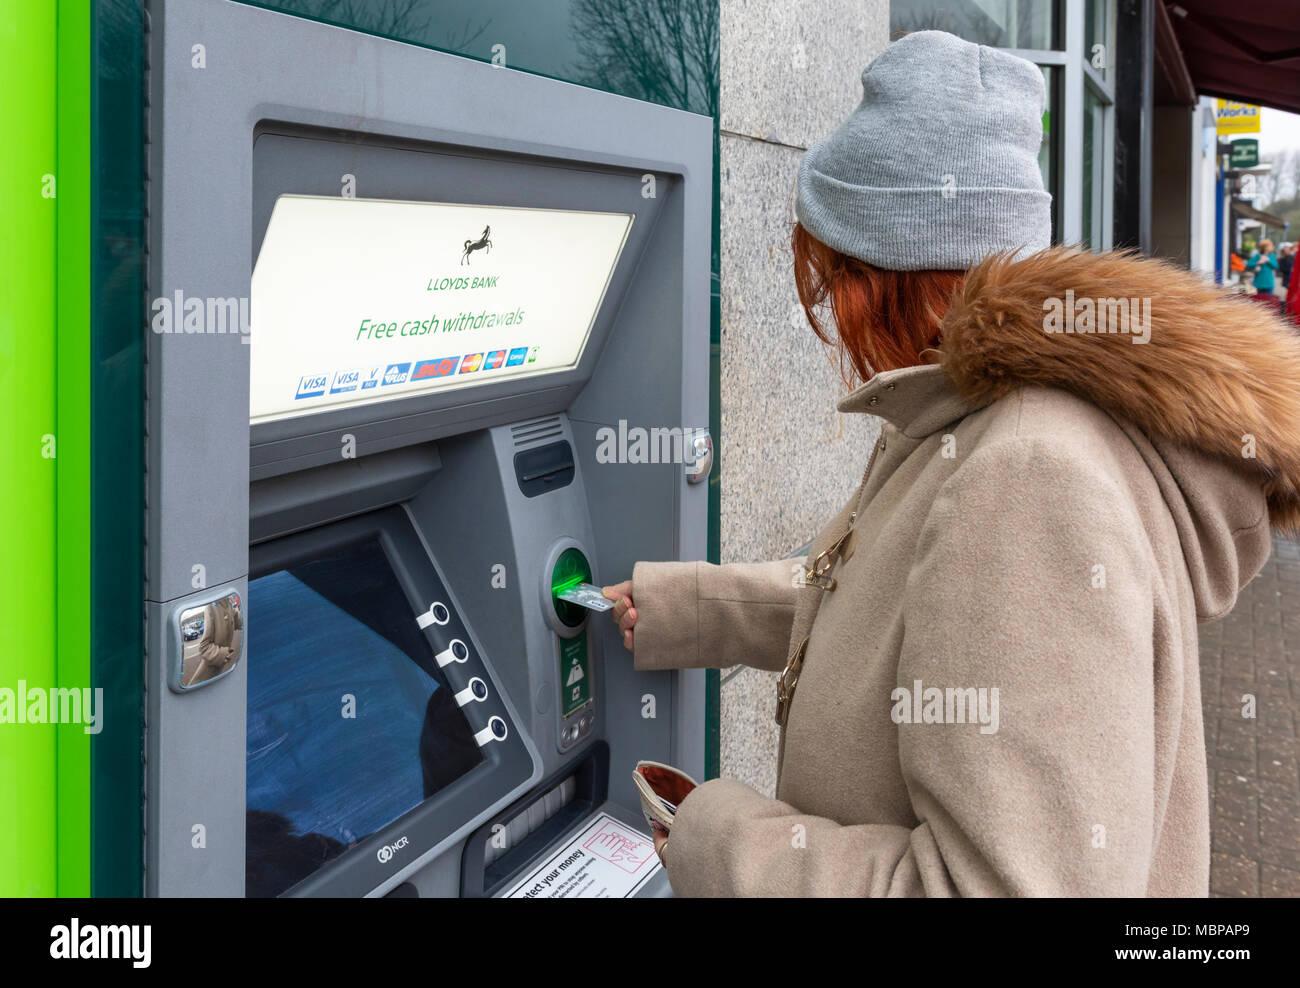 Senior woman prendre de l'argent à partir d'un GAB de la banque Lloyds en Angleterre, Royaume-Uni. Point trésorerie, distributeur, à l'aide d'un distributeur de billets, trou dans le mur. Le retrait d'argent. Banque D'Images